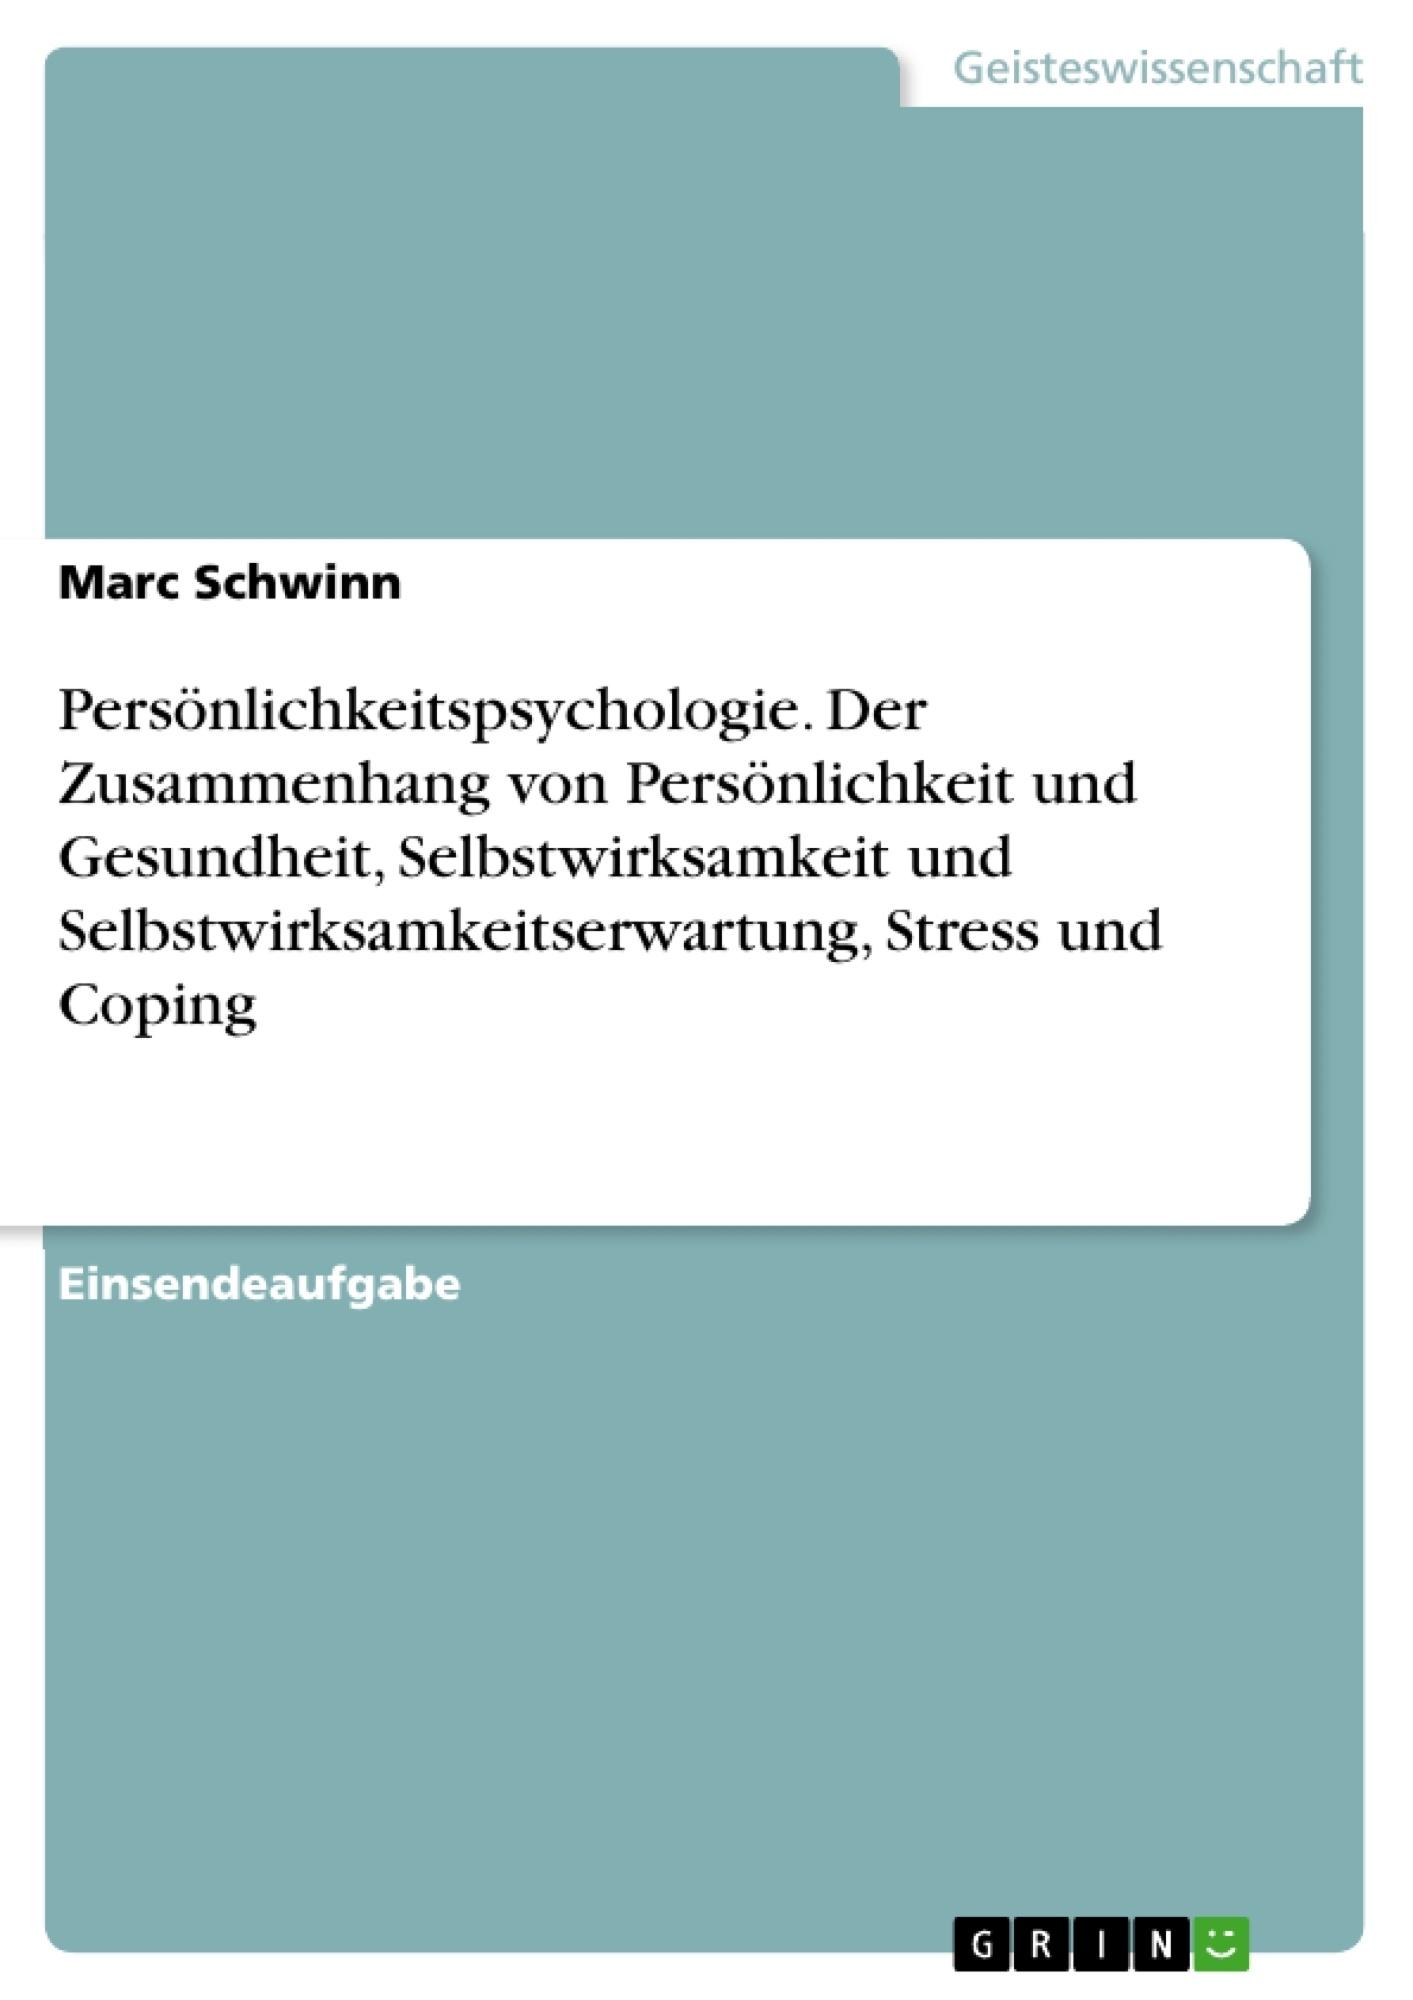 Titel: Persönlichkeitspsychologie. Der Zusammenhang von Persönlichkeit und Gesundheit, Selbstwirksamkeit und Selbstwirksamkeitserwartung, Stress und Coping